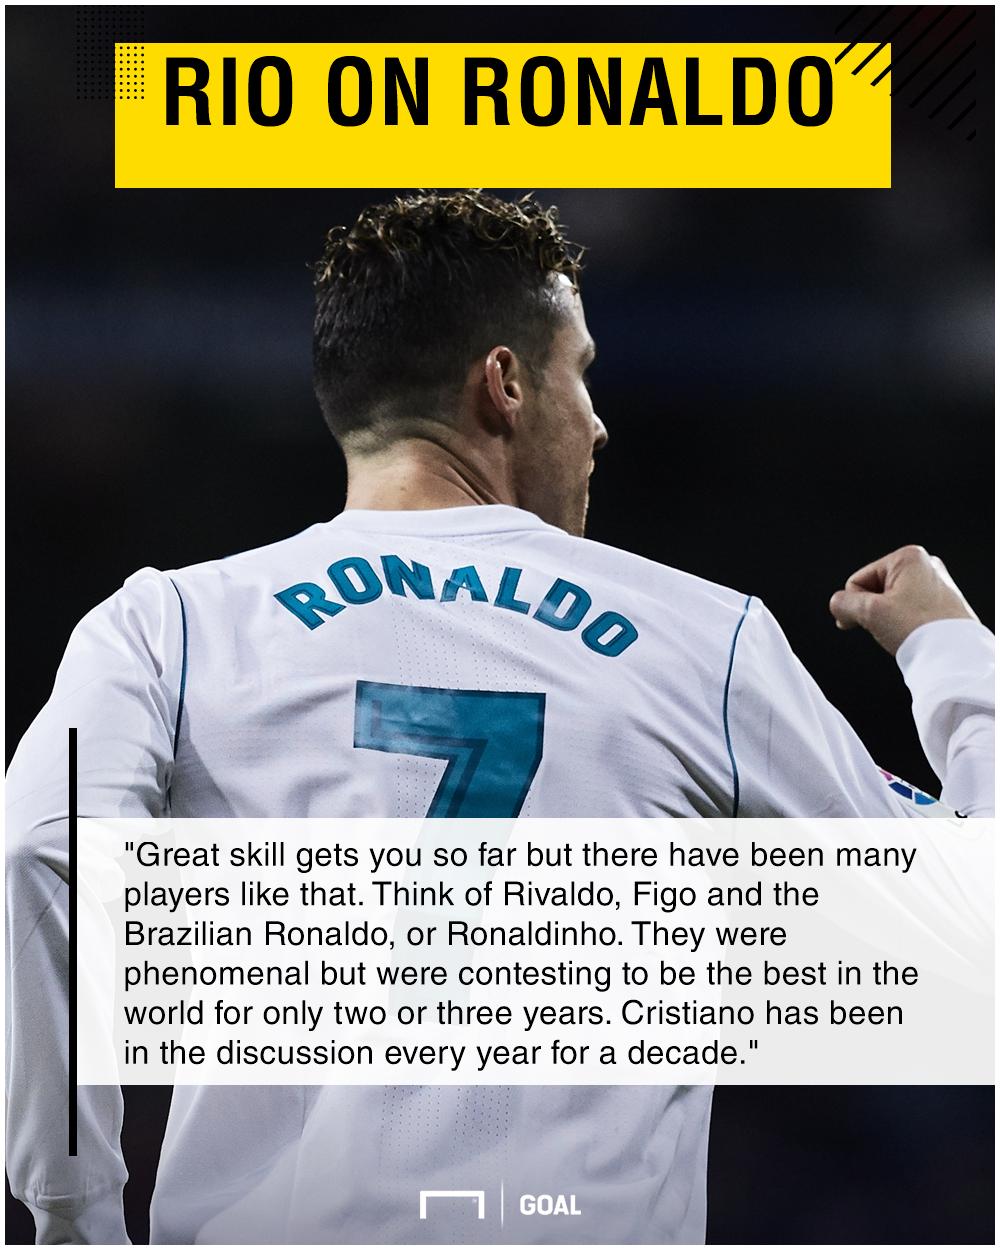 Cristiano Ronaldo better Rivaldo Ronaldo Figo Ronaldinho Rio Ferdinand